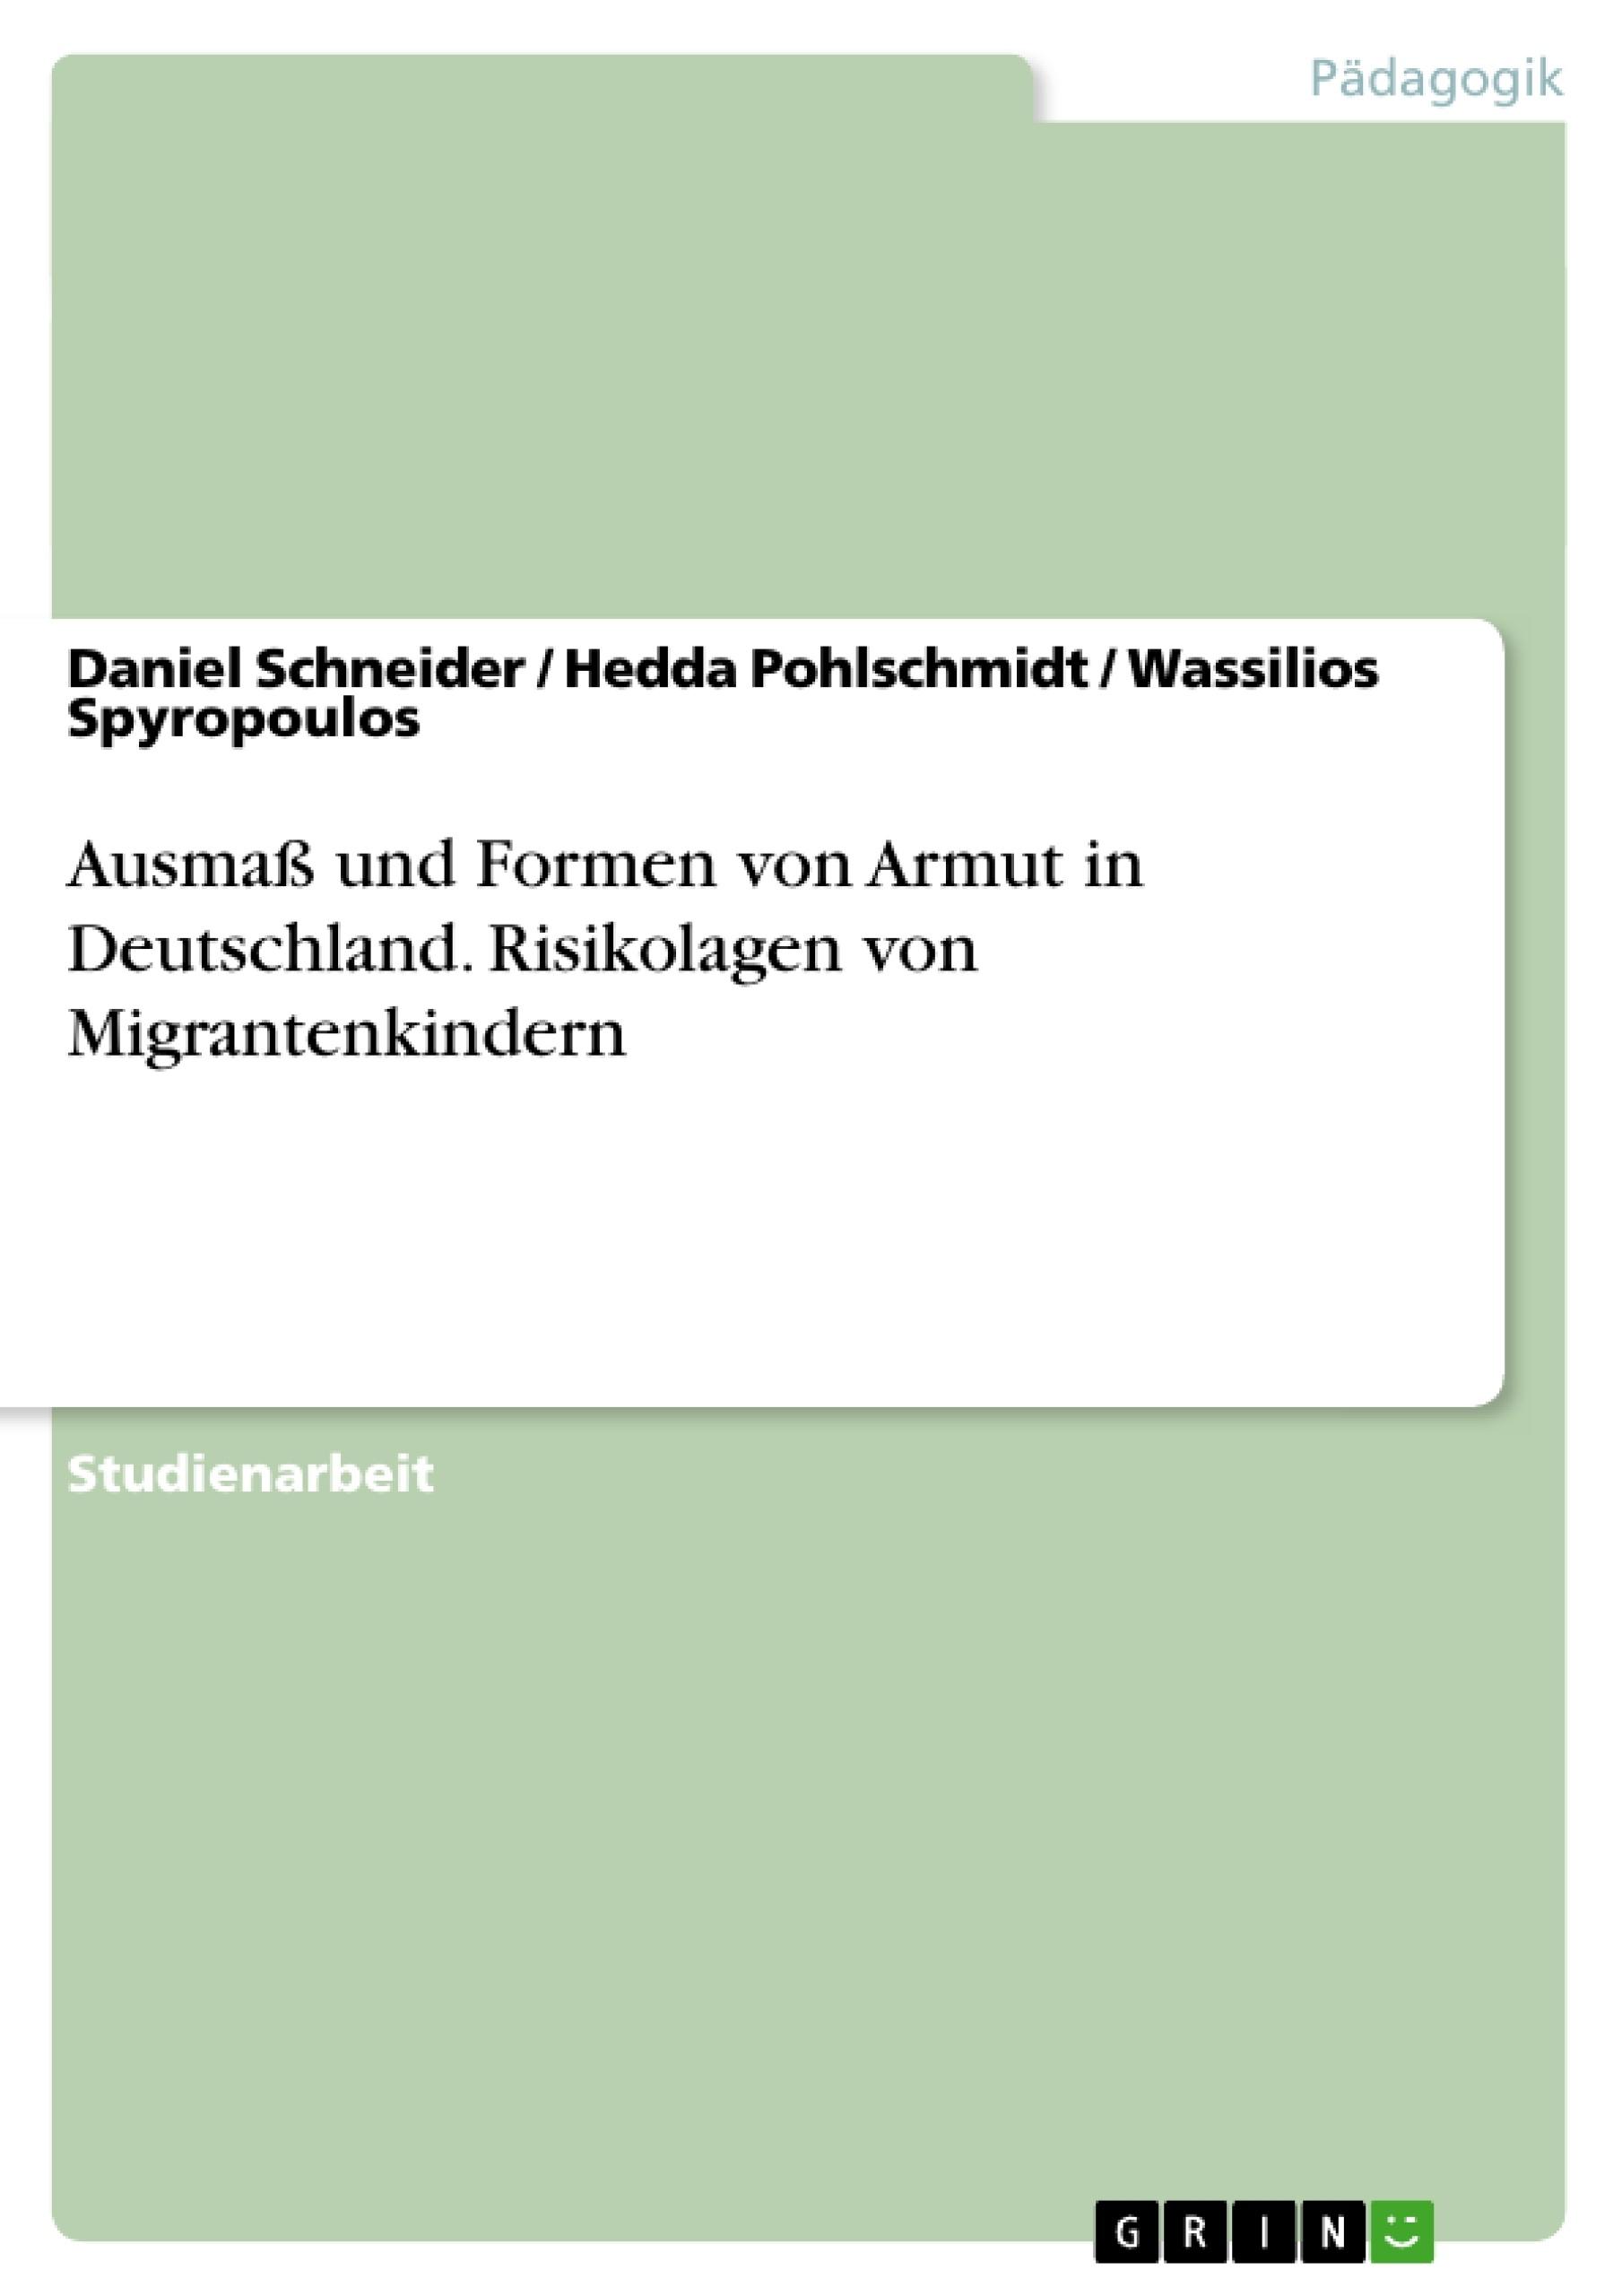 Titel: Ausmaß und Formen von Armut in Deutschland. Risikolagen von Migrantenkindern